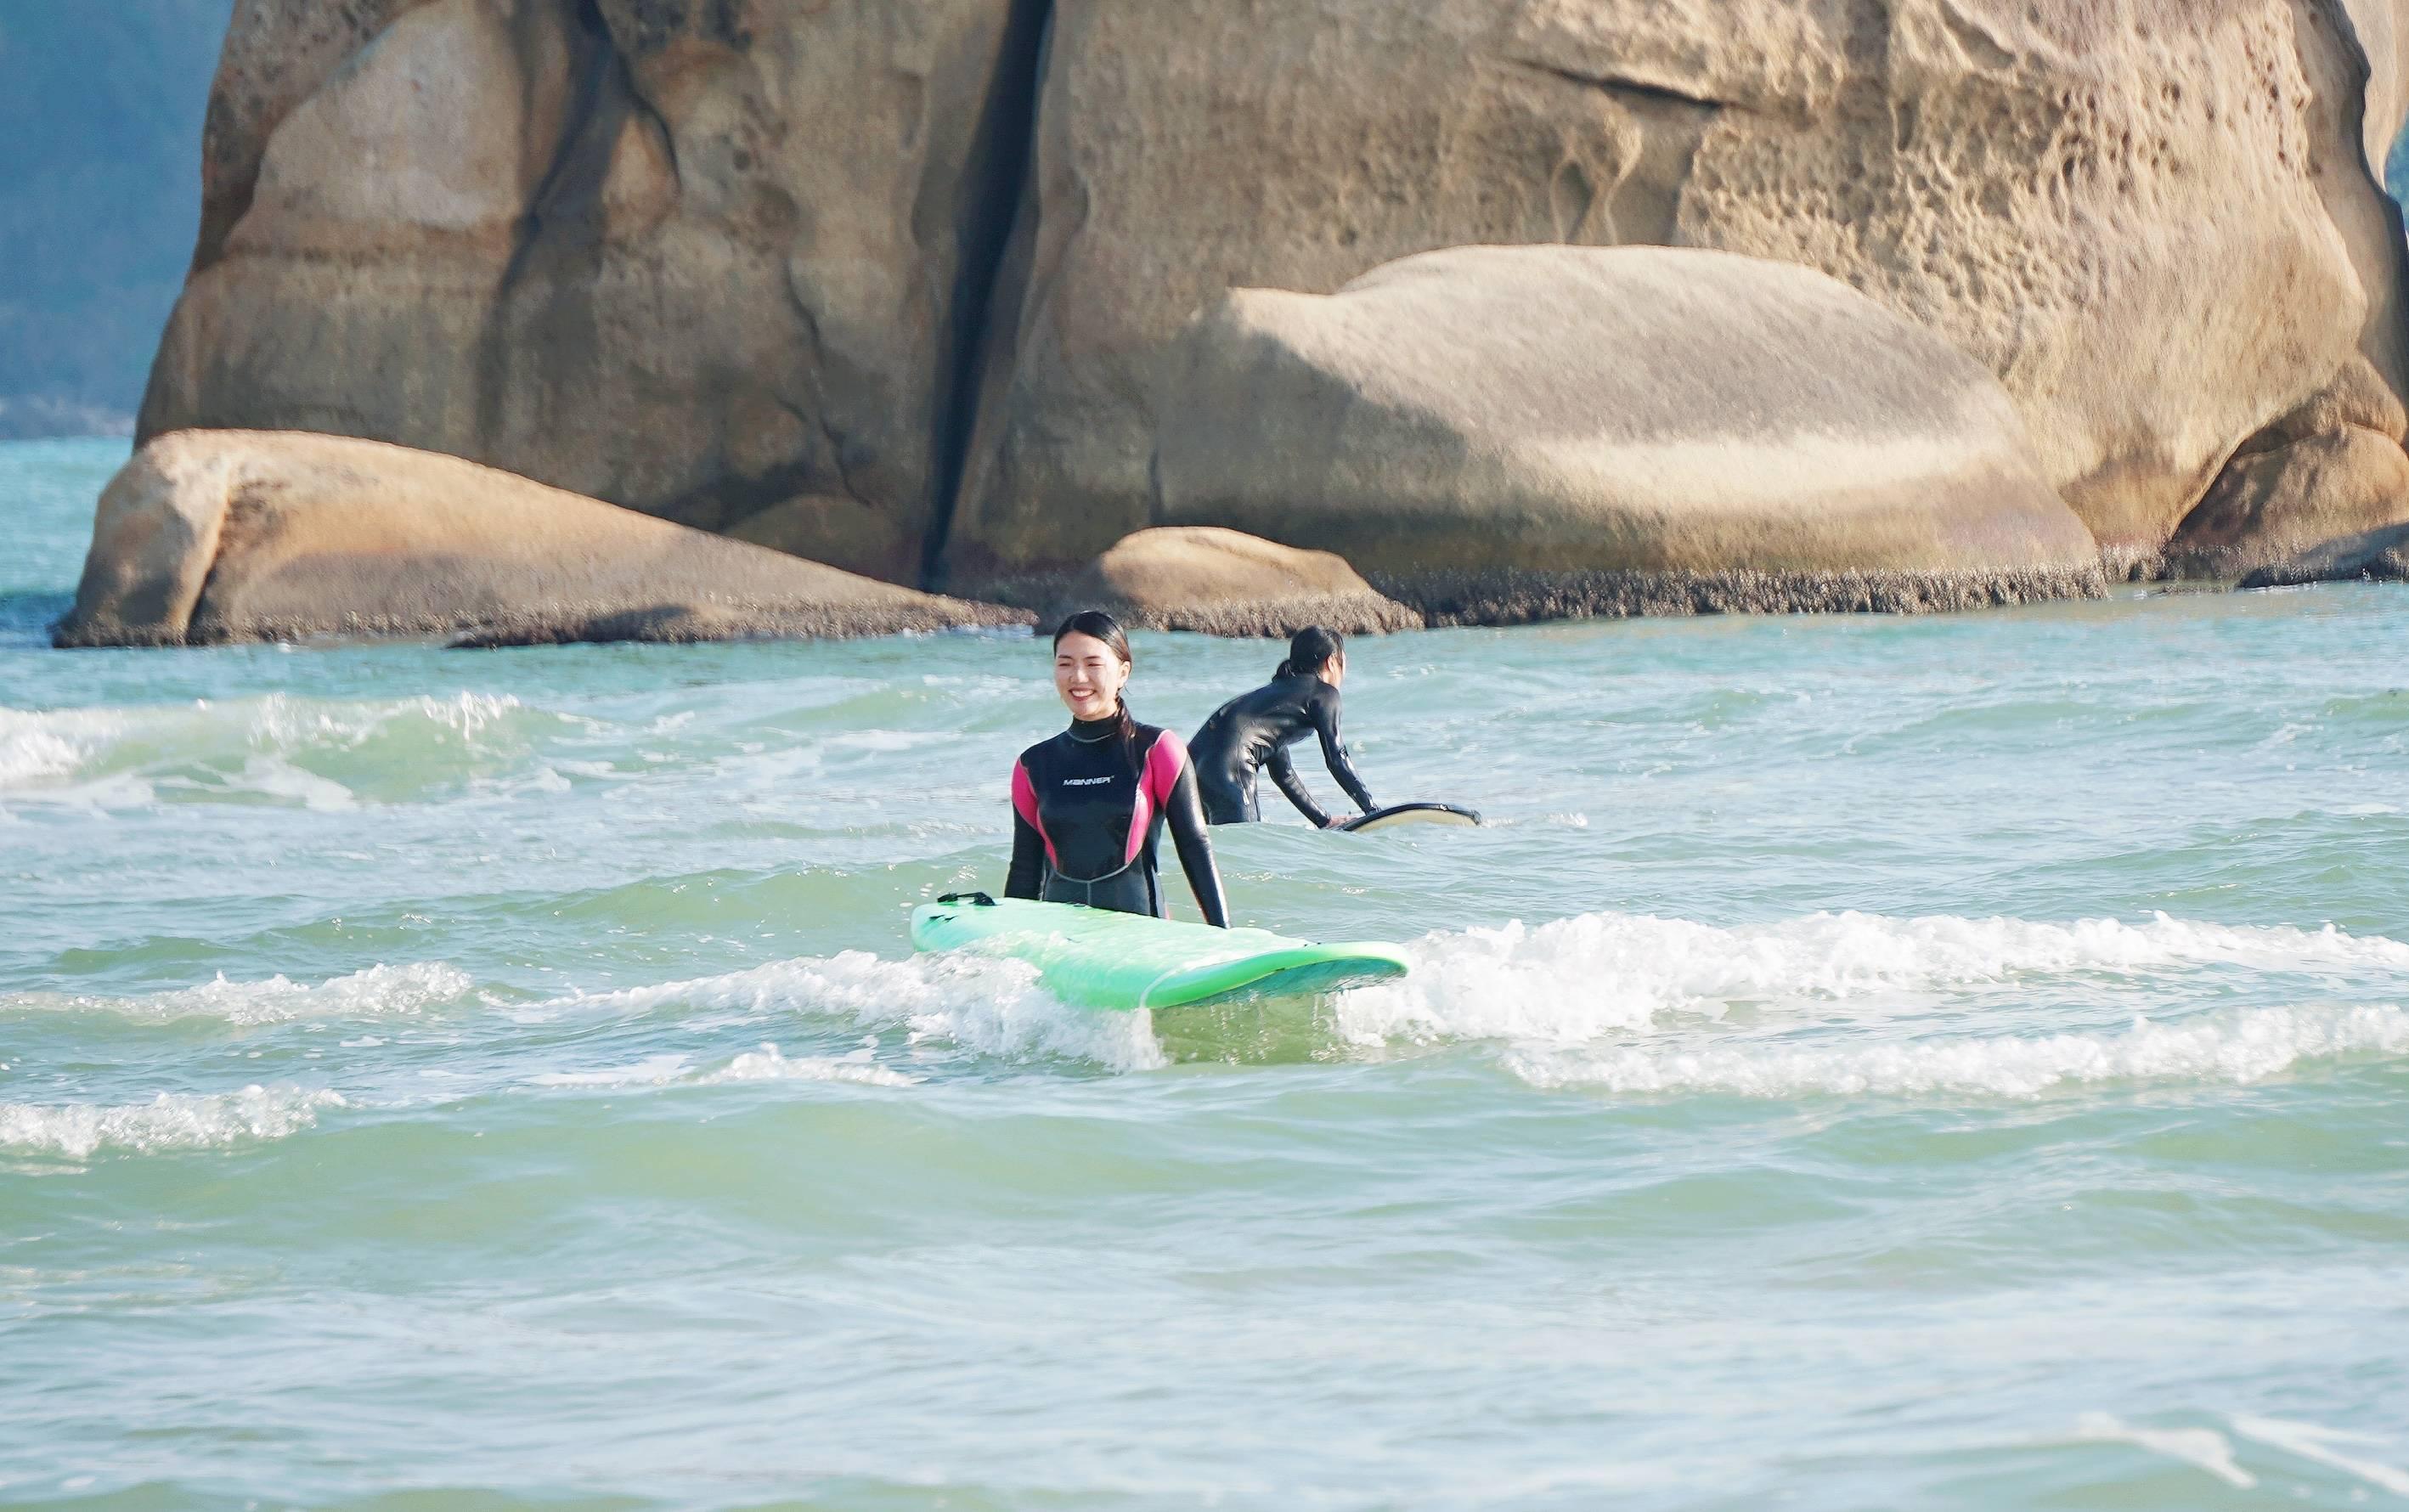 三亚后海冲浪全攻略,超适合初学者,体验冲浪的快乐